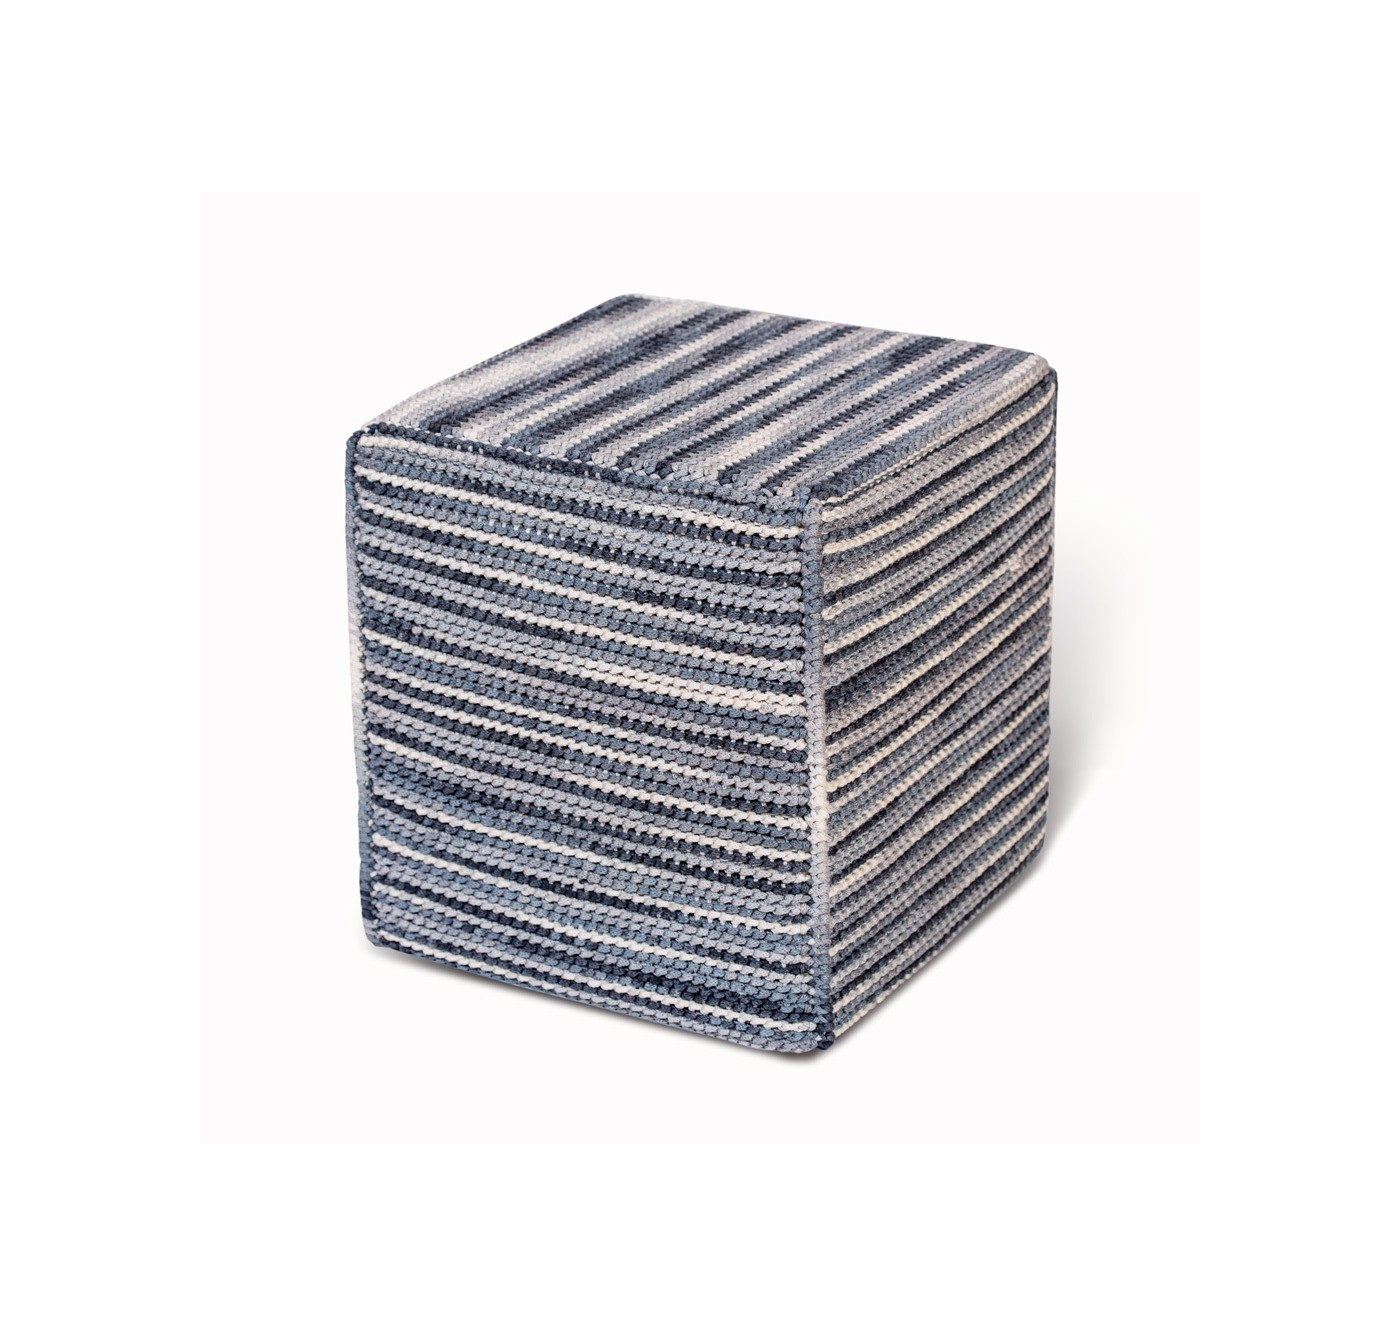 ПуфФорменные пуфы<br>Дизайнерский уникальный пуф ручной работы. Чехол сплетен из бамбуковых веревок бирюзово-бежевого цвета, мягкое войлочное дно. Наполнитель — формованный высококачественный ППУ, поэтому такой пуф можно использовать вместо табурета или ставить на него поднос с едой.&amp;lt;div&amp;gt;&amp;lt;br&amp;gt;&amp;lt;/div&amp;gt;&amp;lt;div&amp;gt;Гарантия на форму 5 лет&amp;lt;/div&amp;gt;<br><br>Material: Текстиль<br>Width см: 45<br>Depth см: 45<br>Height см: 45